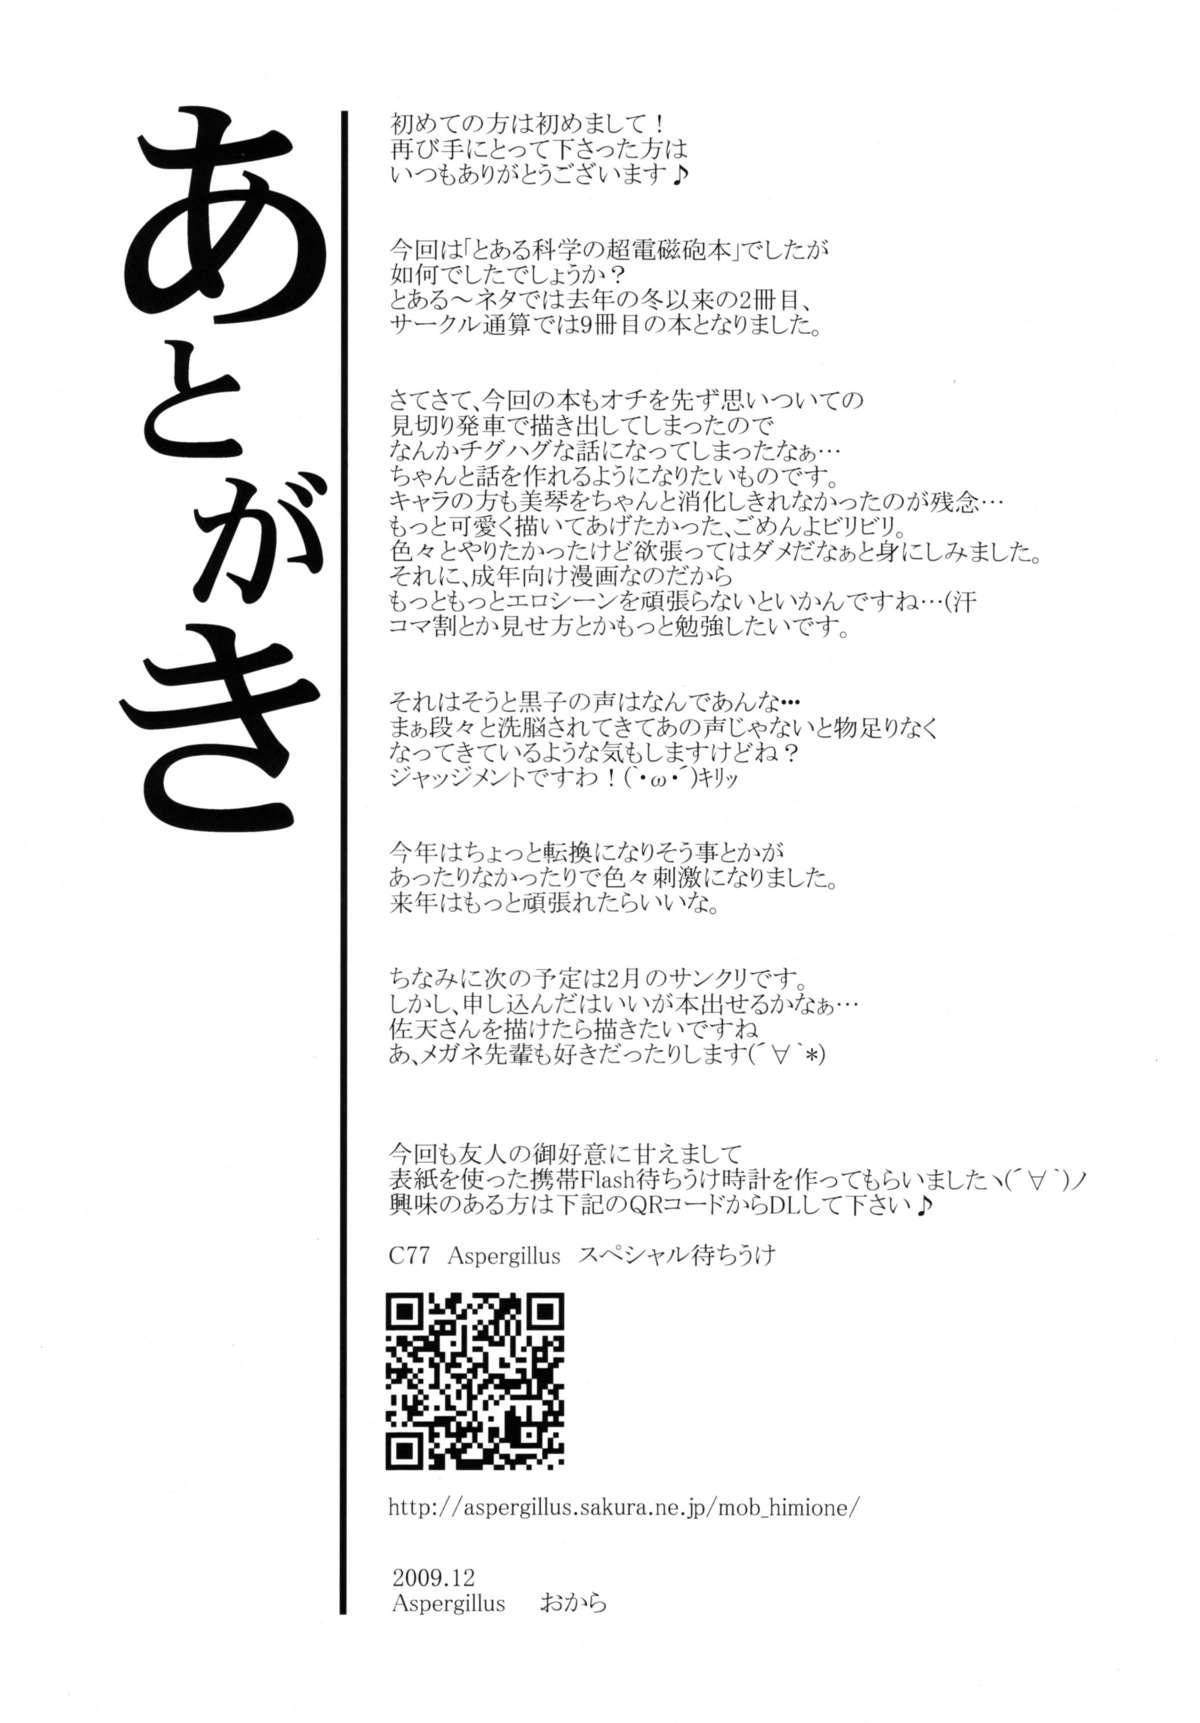 Toaru Himitsu no Onee-sama 23